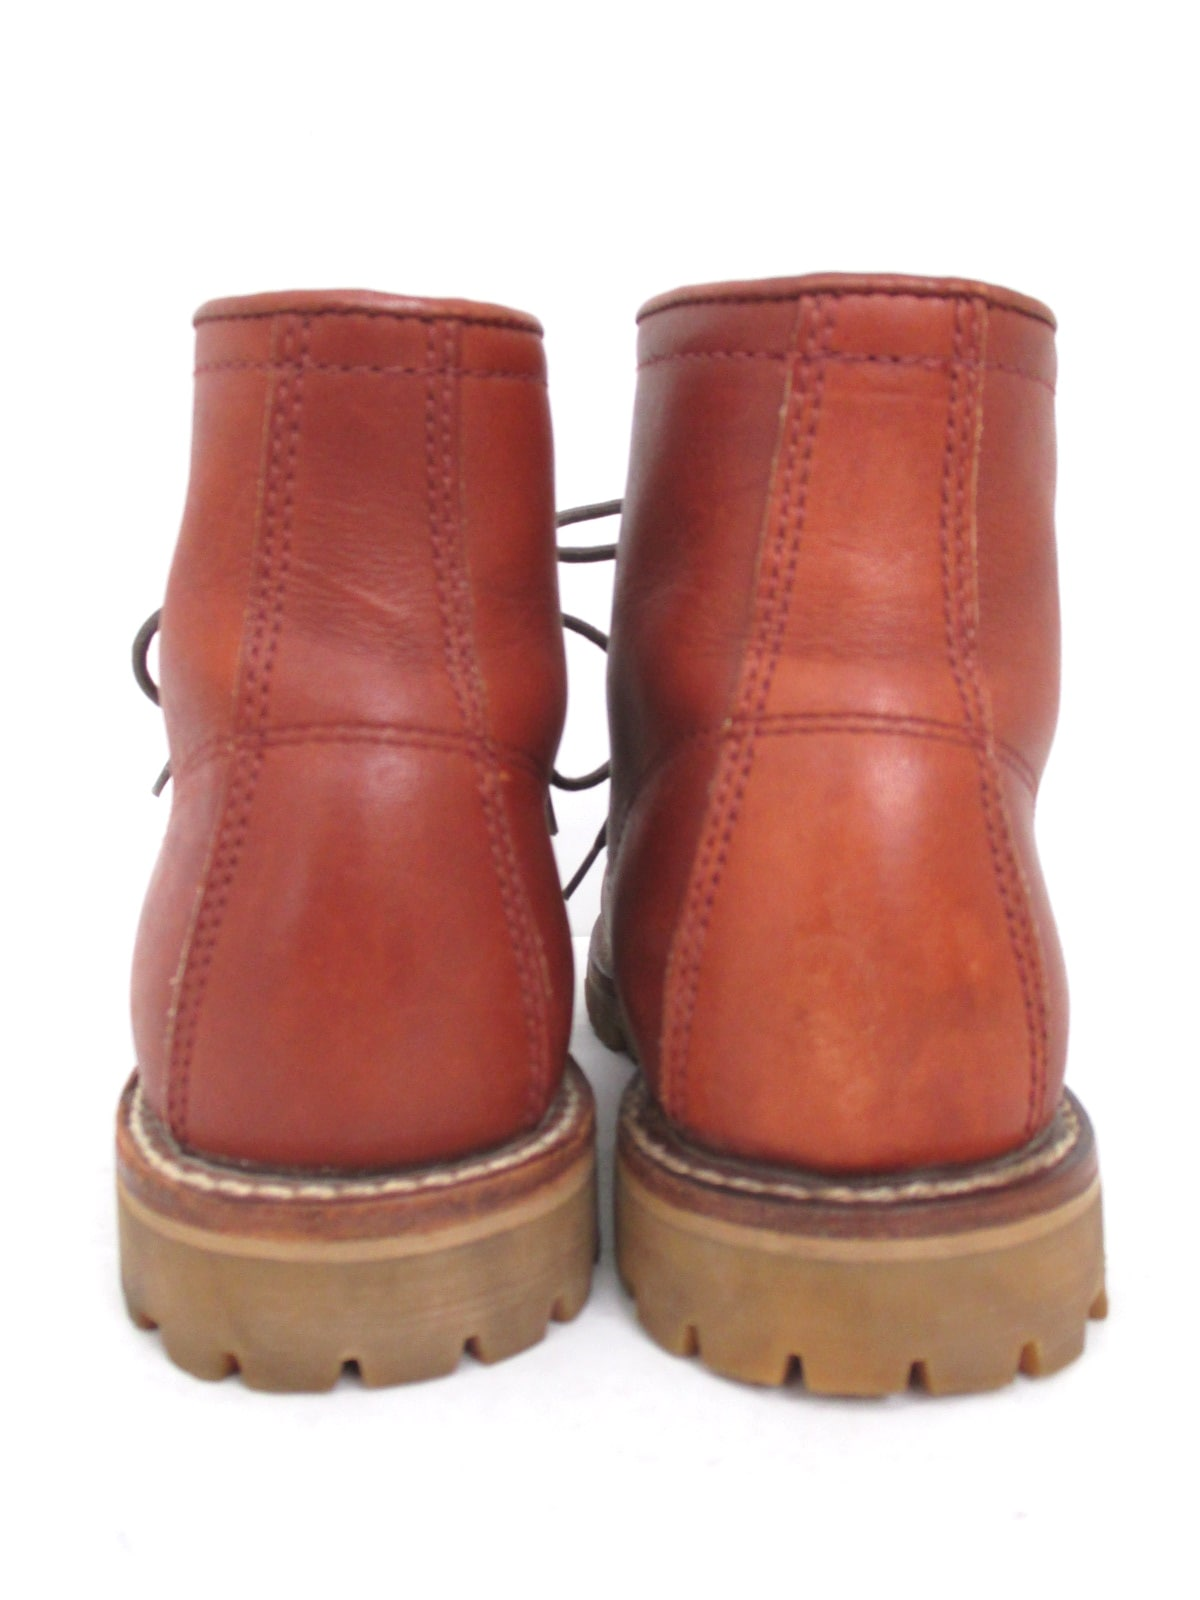 Thom McAn(トムマッキャン)のブーツ